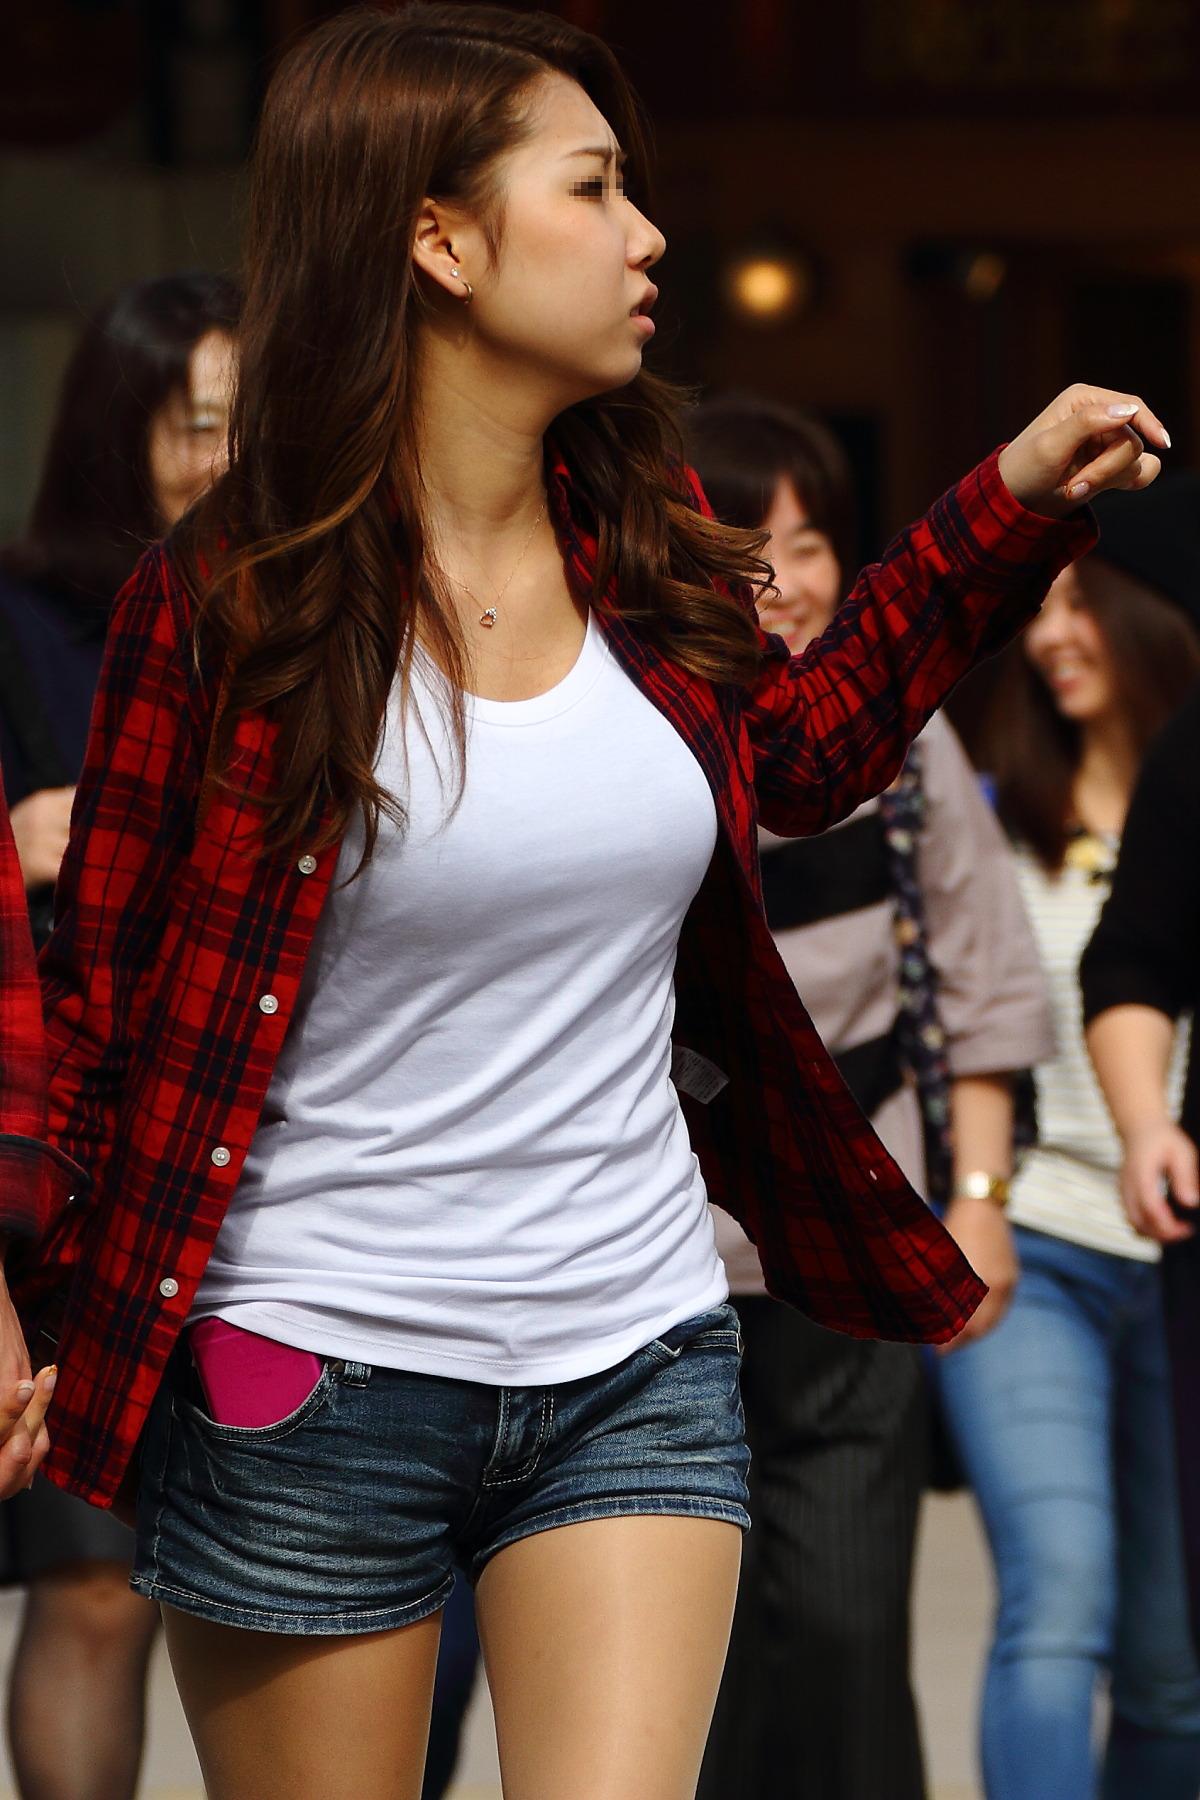 【おっぱい】巨乳を隠すのは不可能だと痛感する素人さんの着衣画像www【20枚】 15